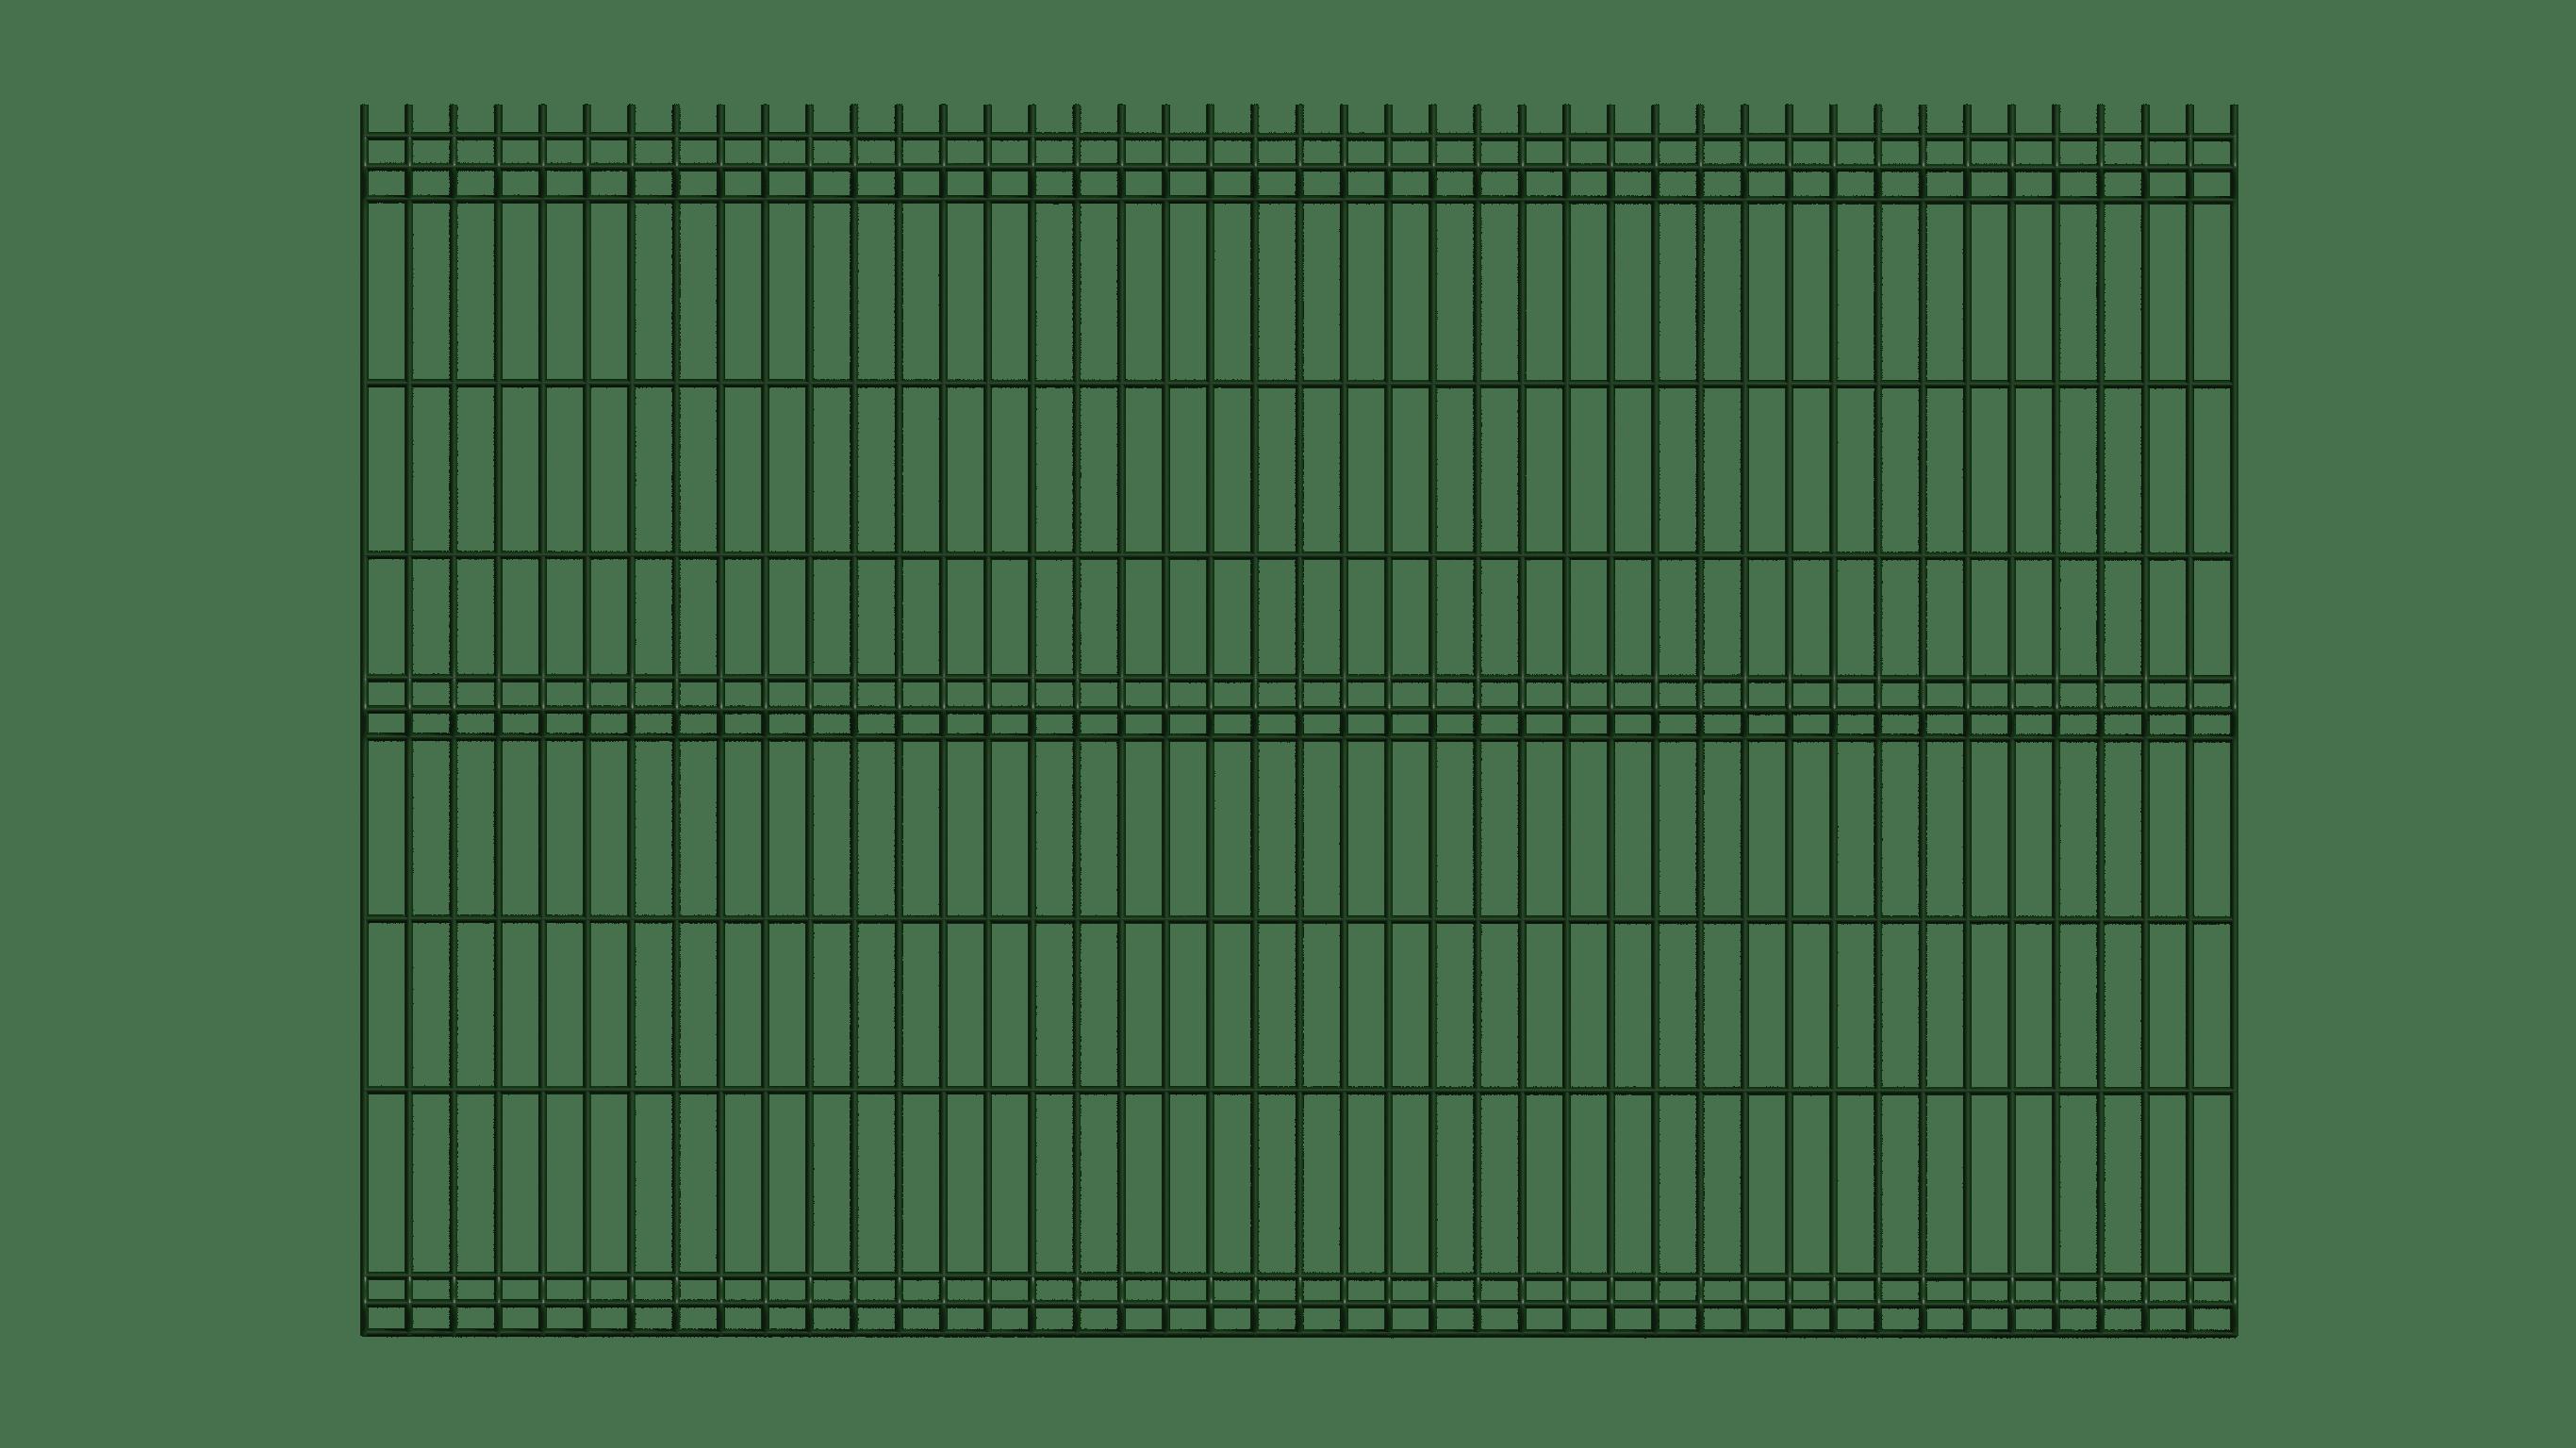 ogrodzenie paneloweg zielone przód